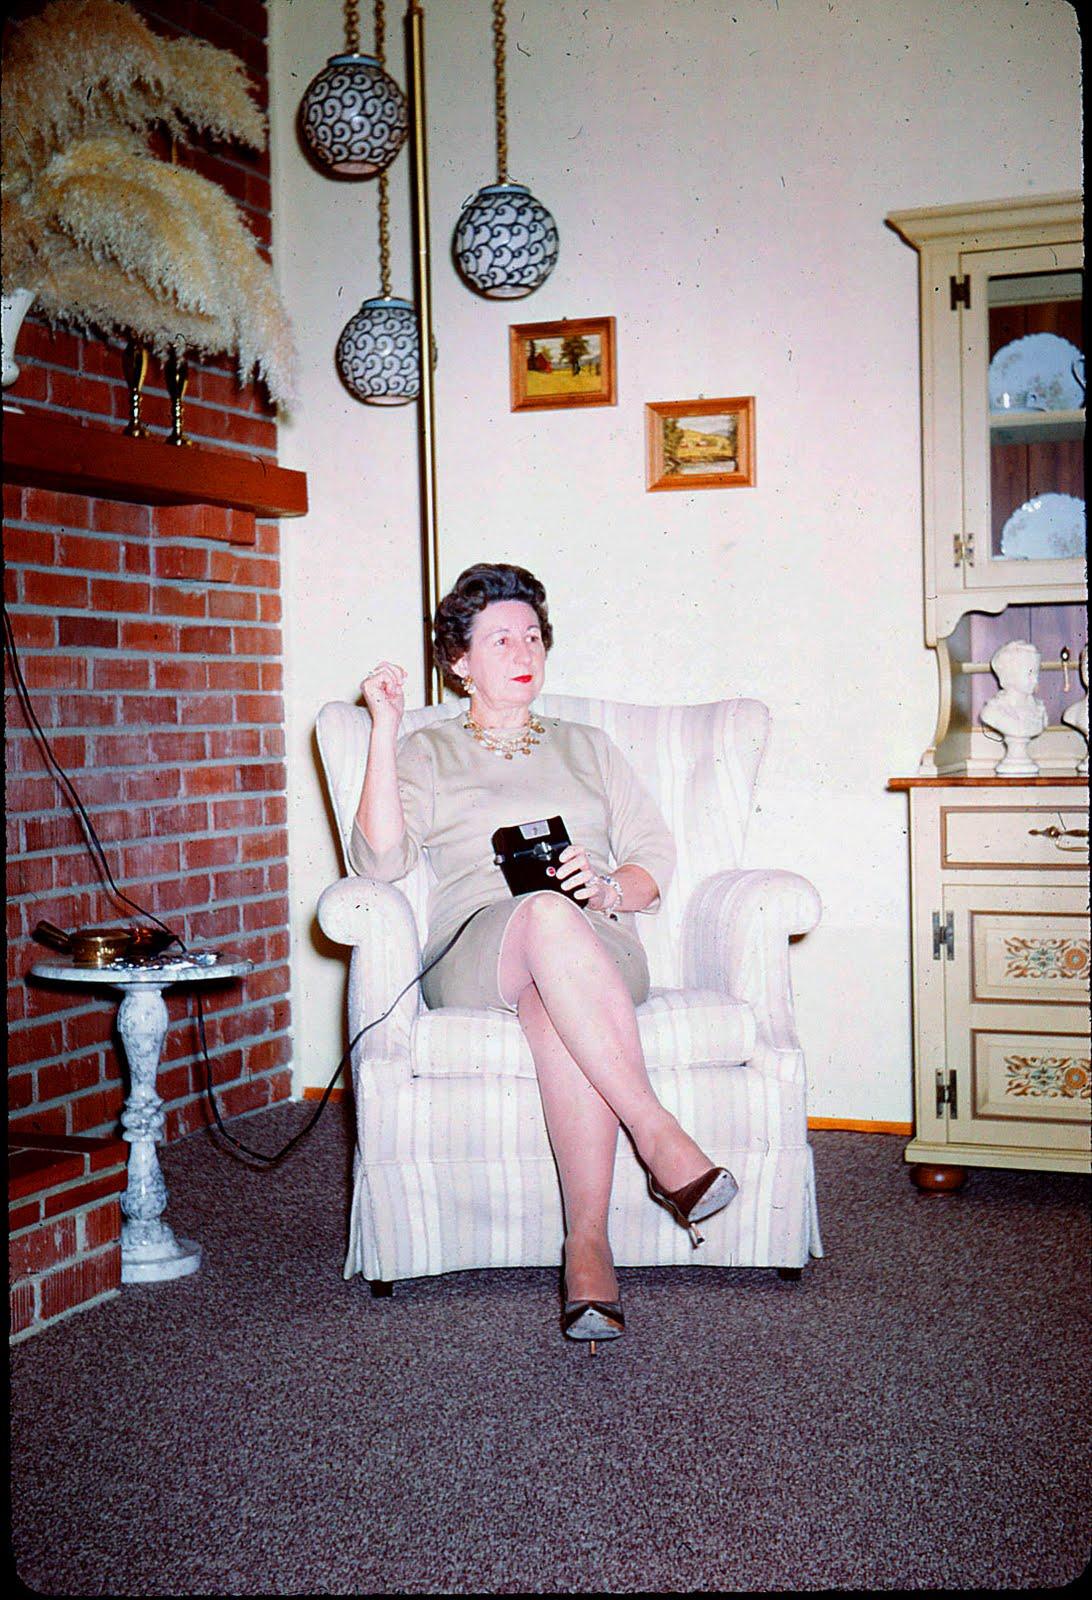 Photos of mature woman